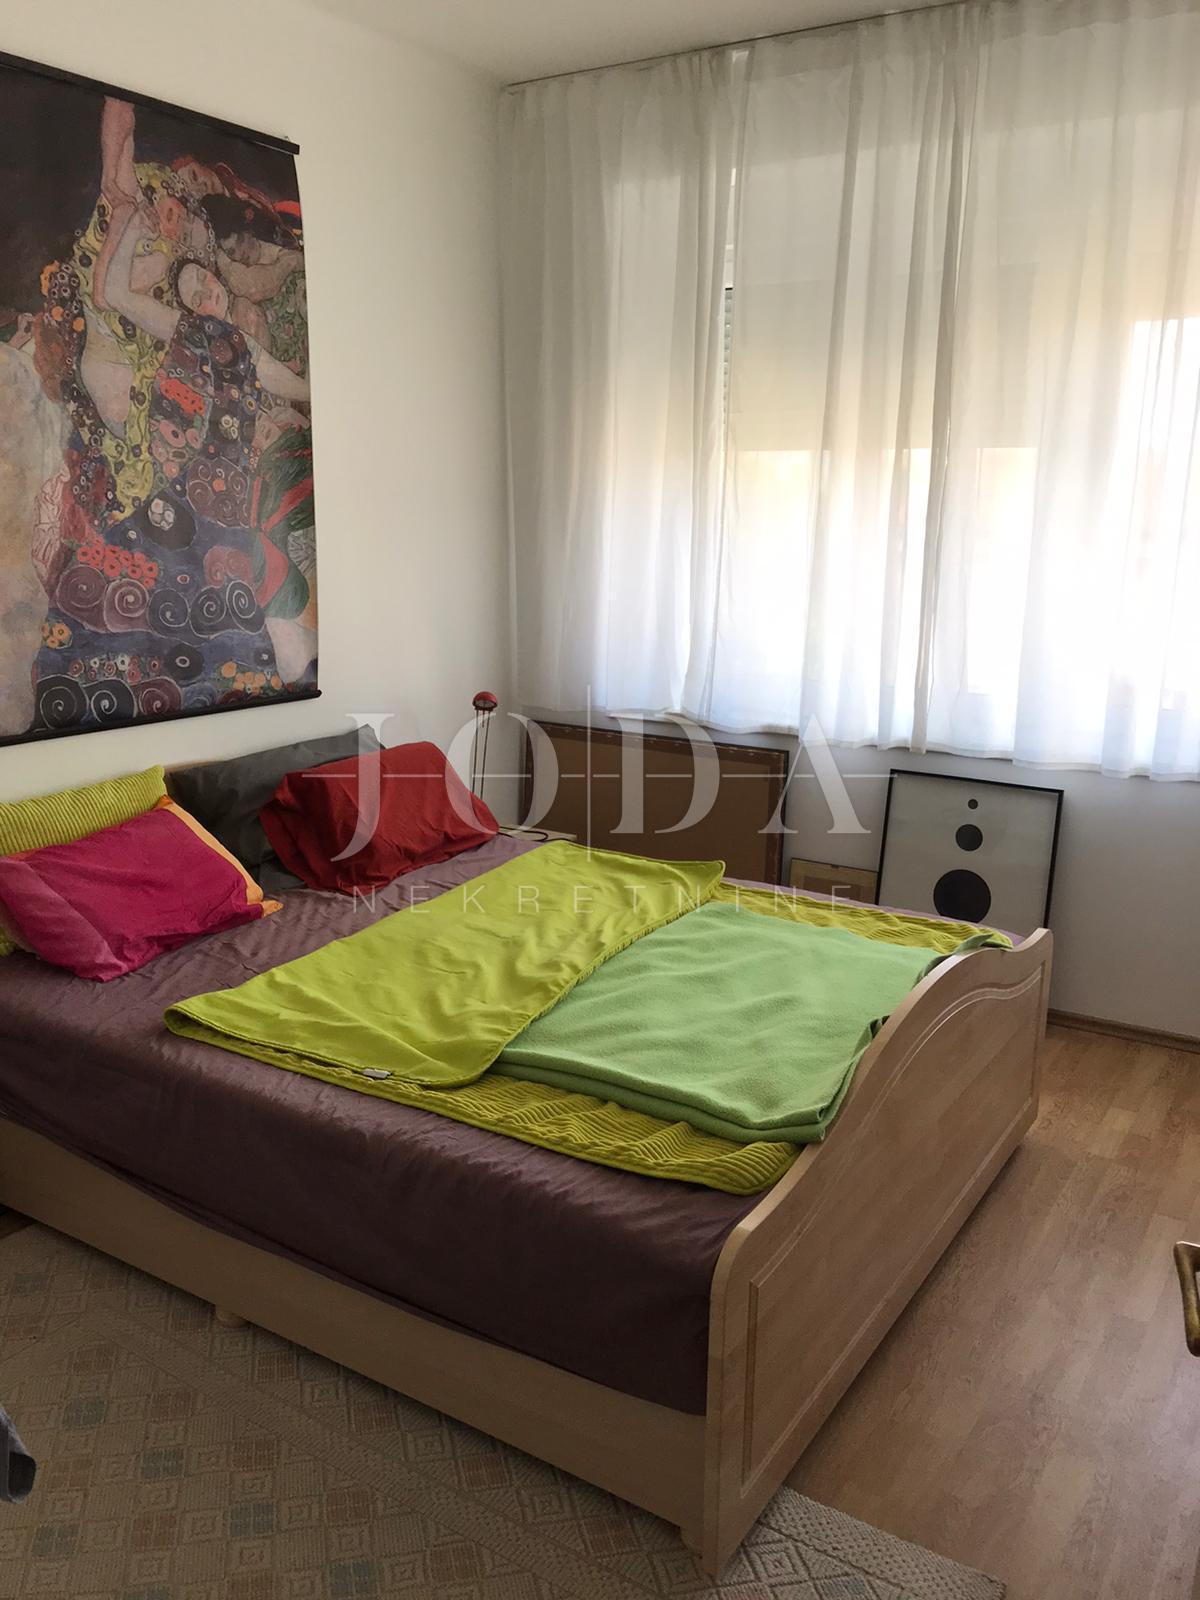 3 rooms, Apartment, 76m², 2 Floor